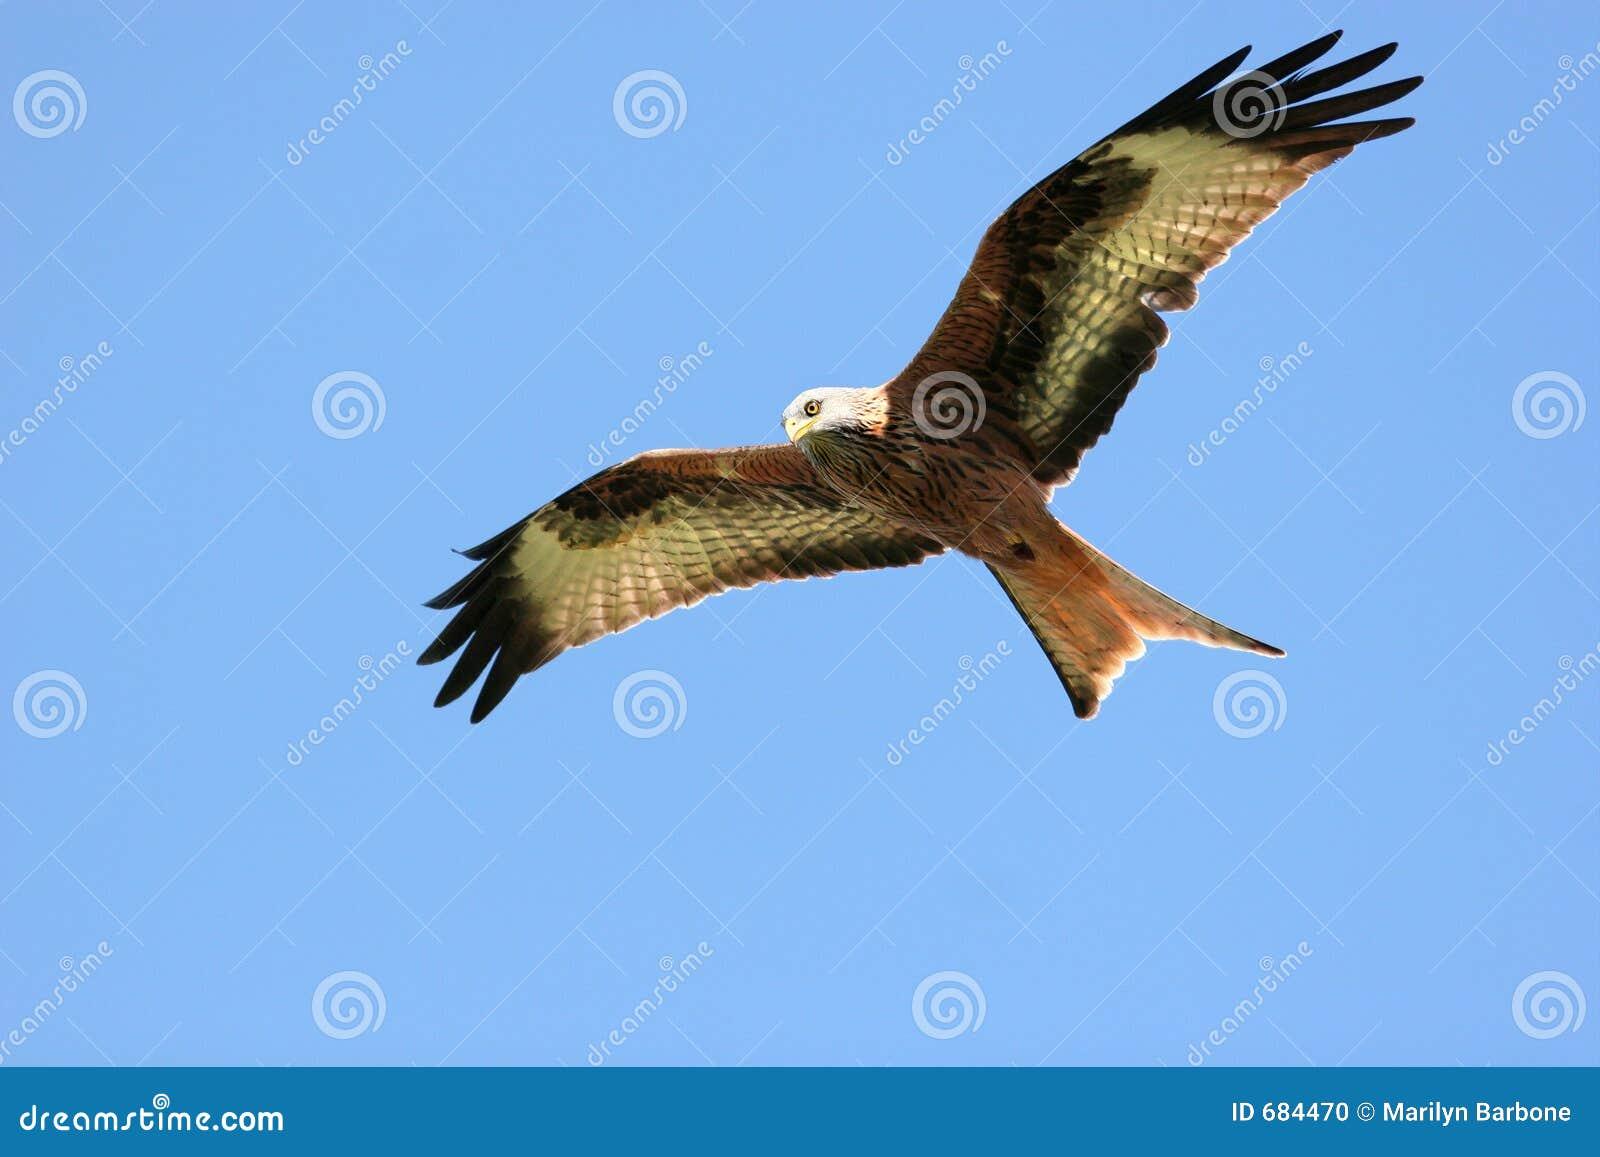 Ptak, który uwalnia